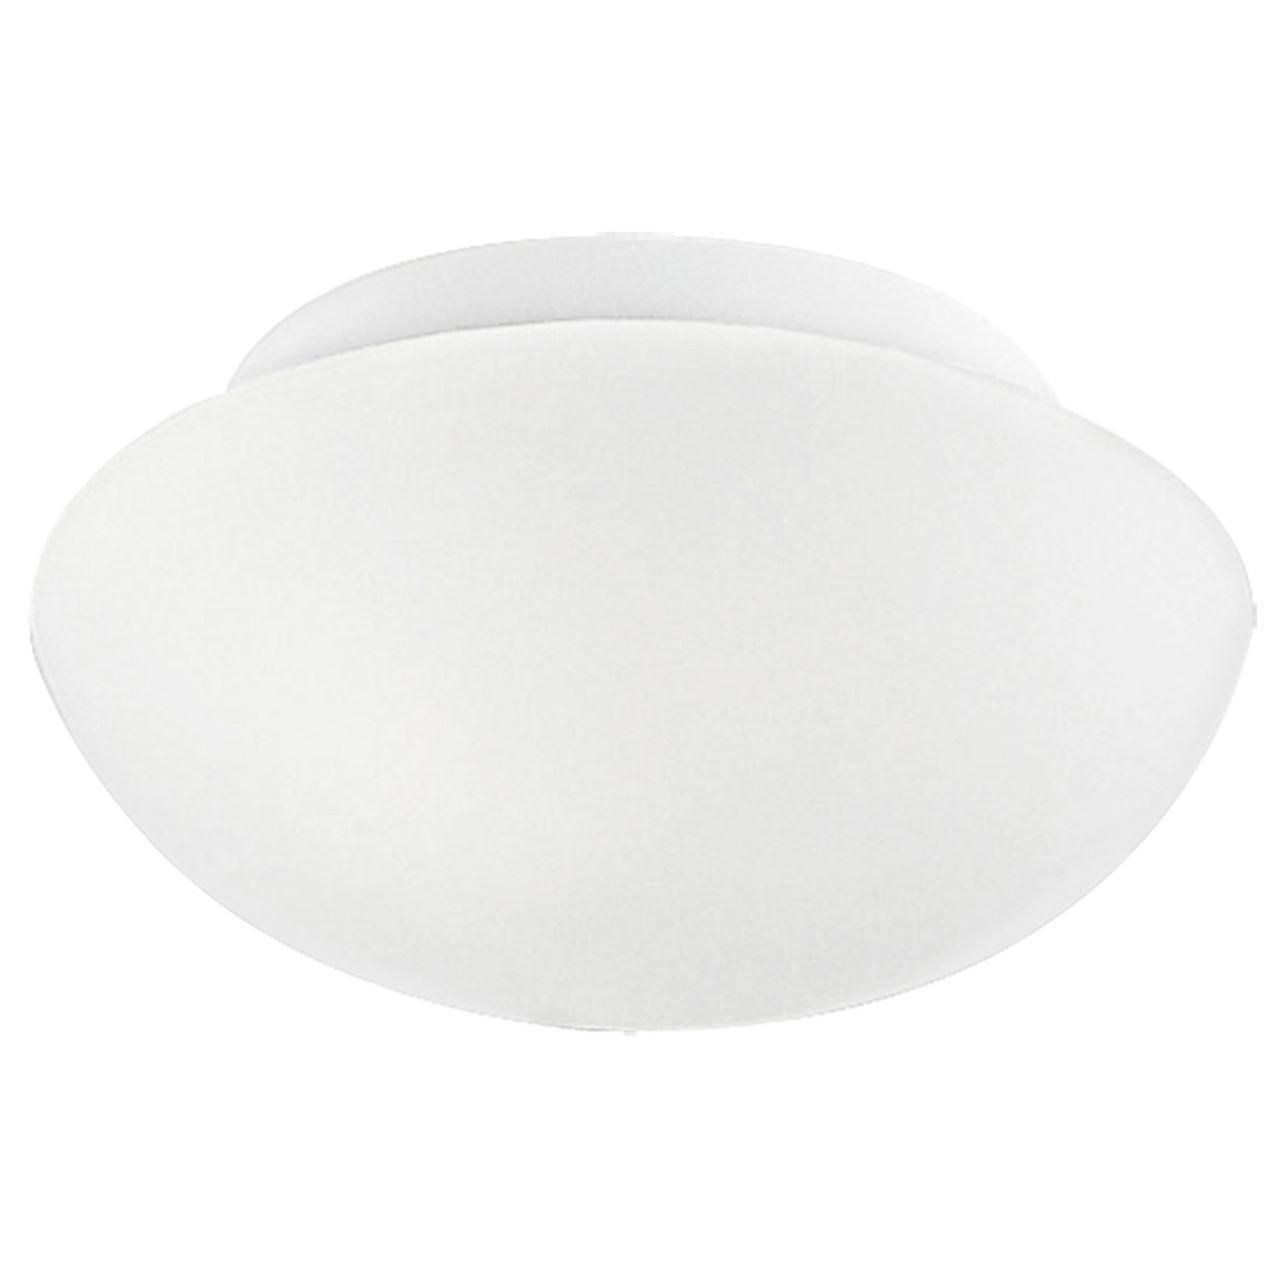 Потолочный светильник Eglo 81635, белый цены